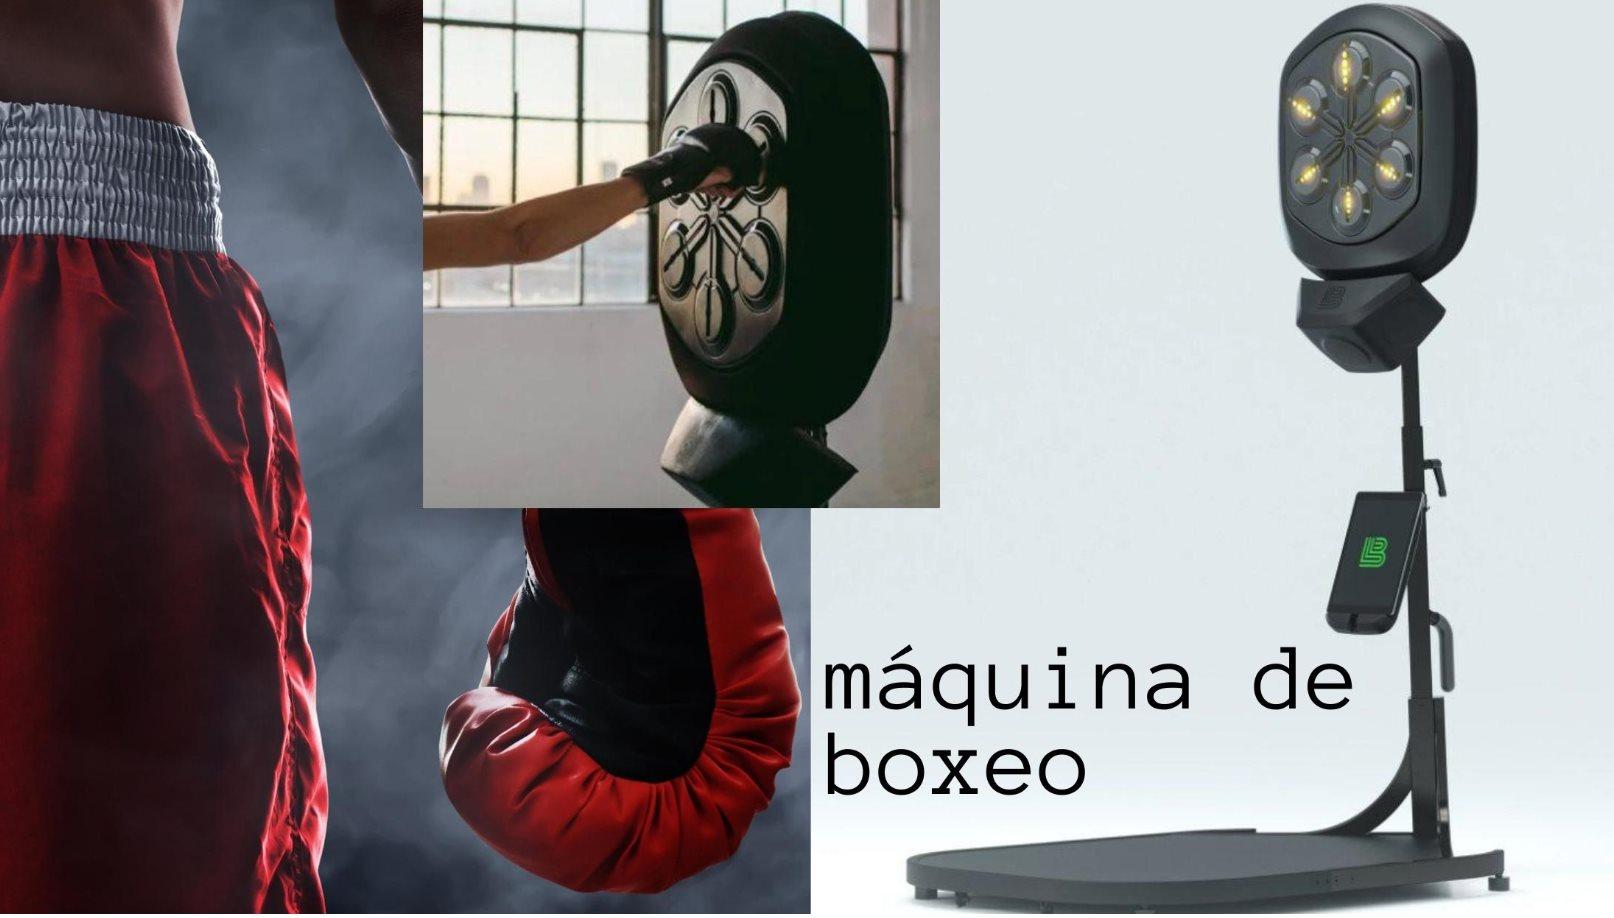 Tecnología, música y capacitación en una máquina de boxeo